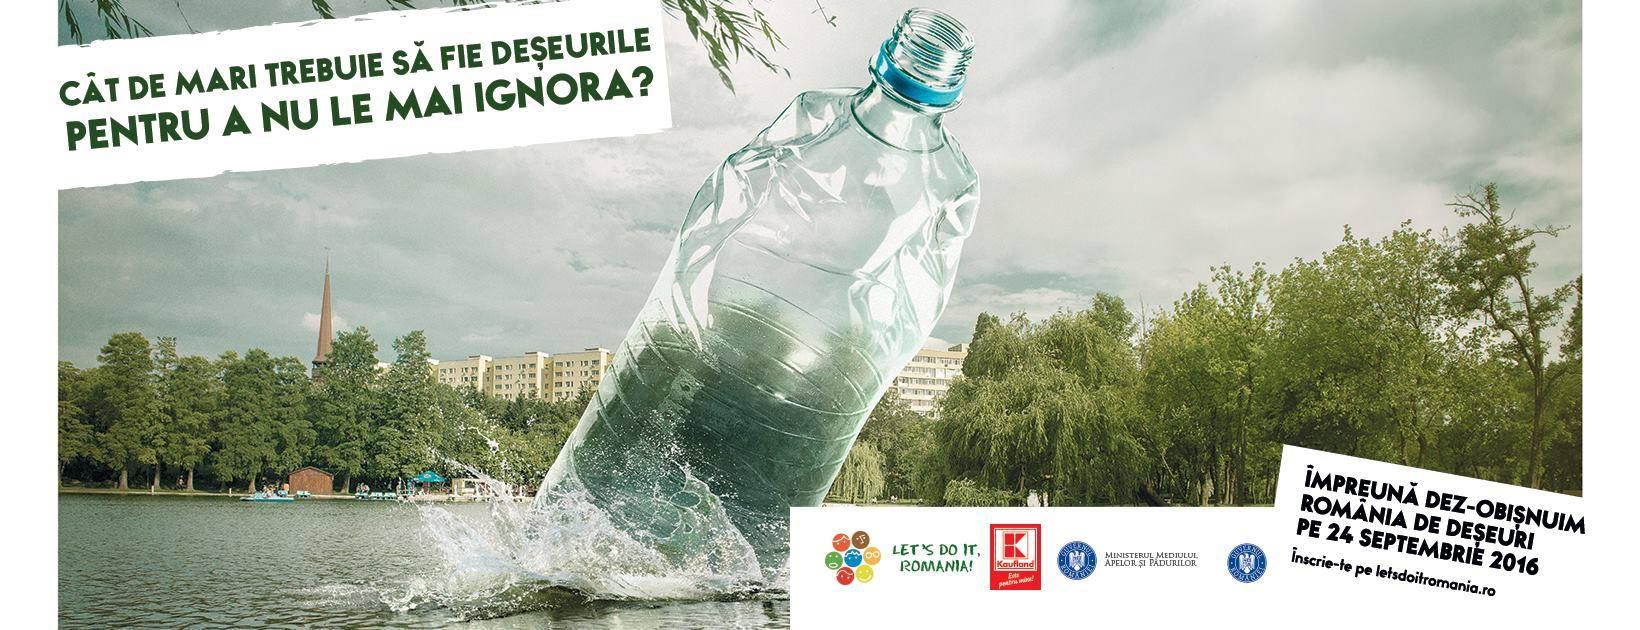 Let`s Do It, Romania! Pe 24 sept facem curățenie în jud. Sibiu!